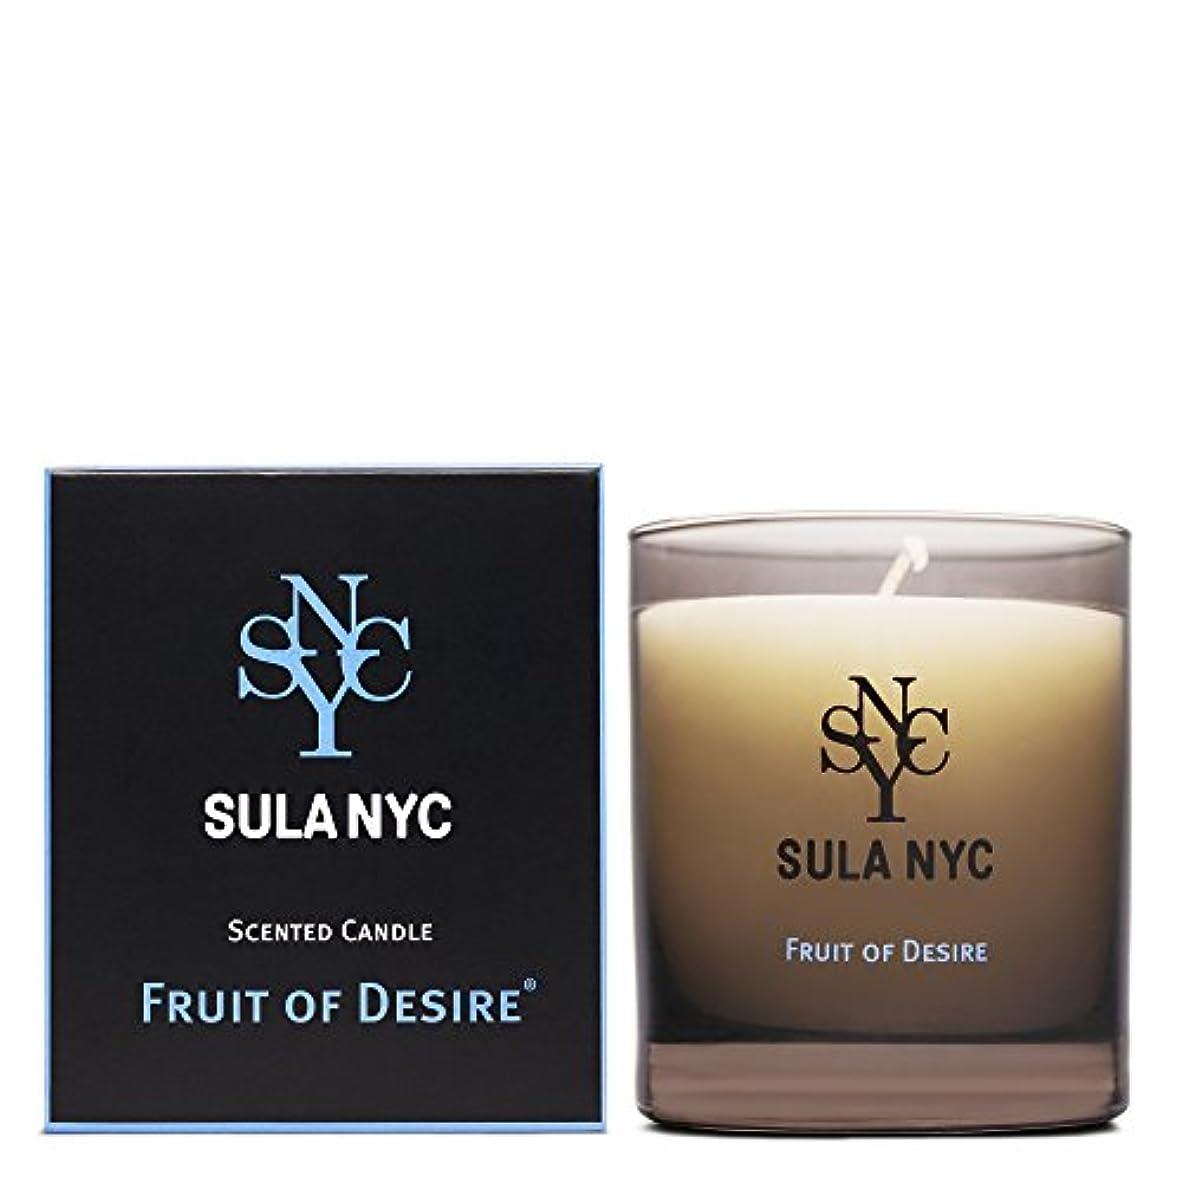 柔和未来私SULA NYC SCENTED CANDLE FRIT OF DESIRE スーラNYC センティッドキャンドル フルーツ?オブ?ディザイアー